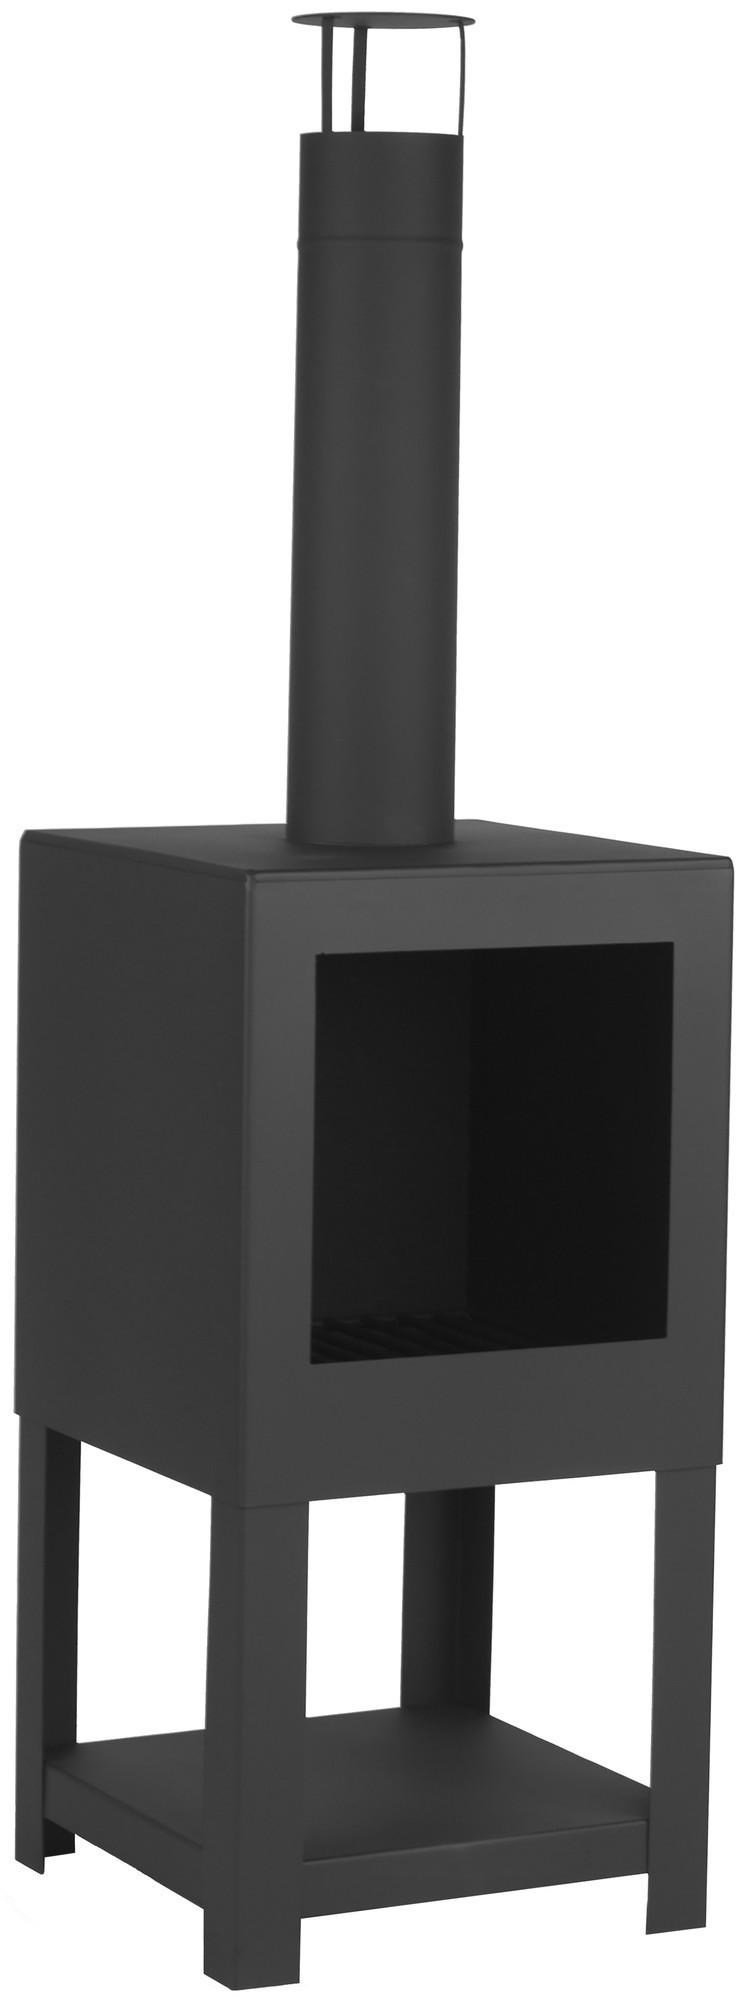 Esschert  FF410 Terraskachel